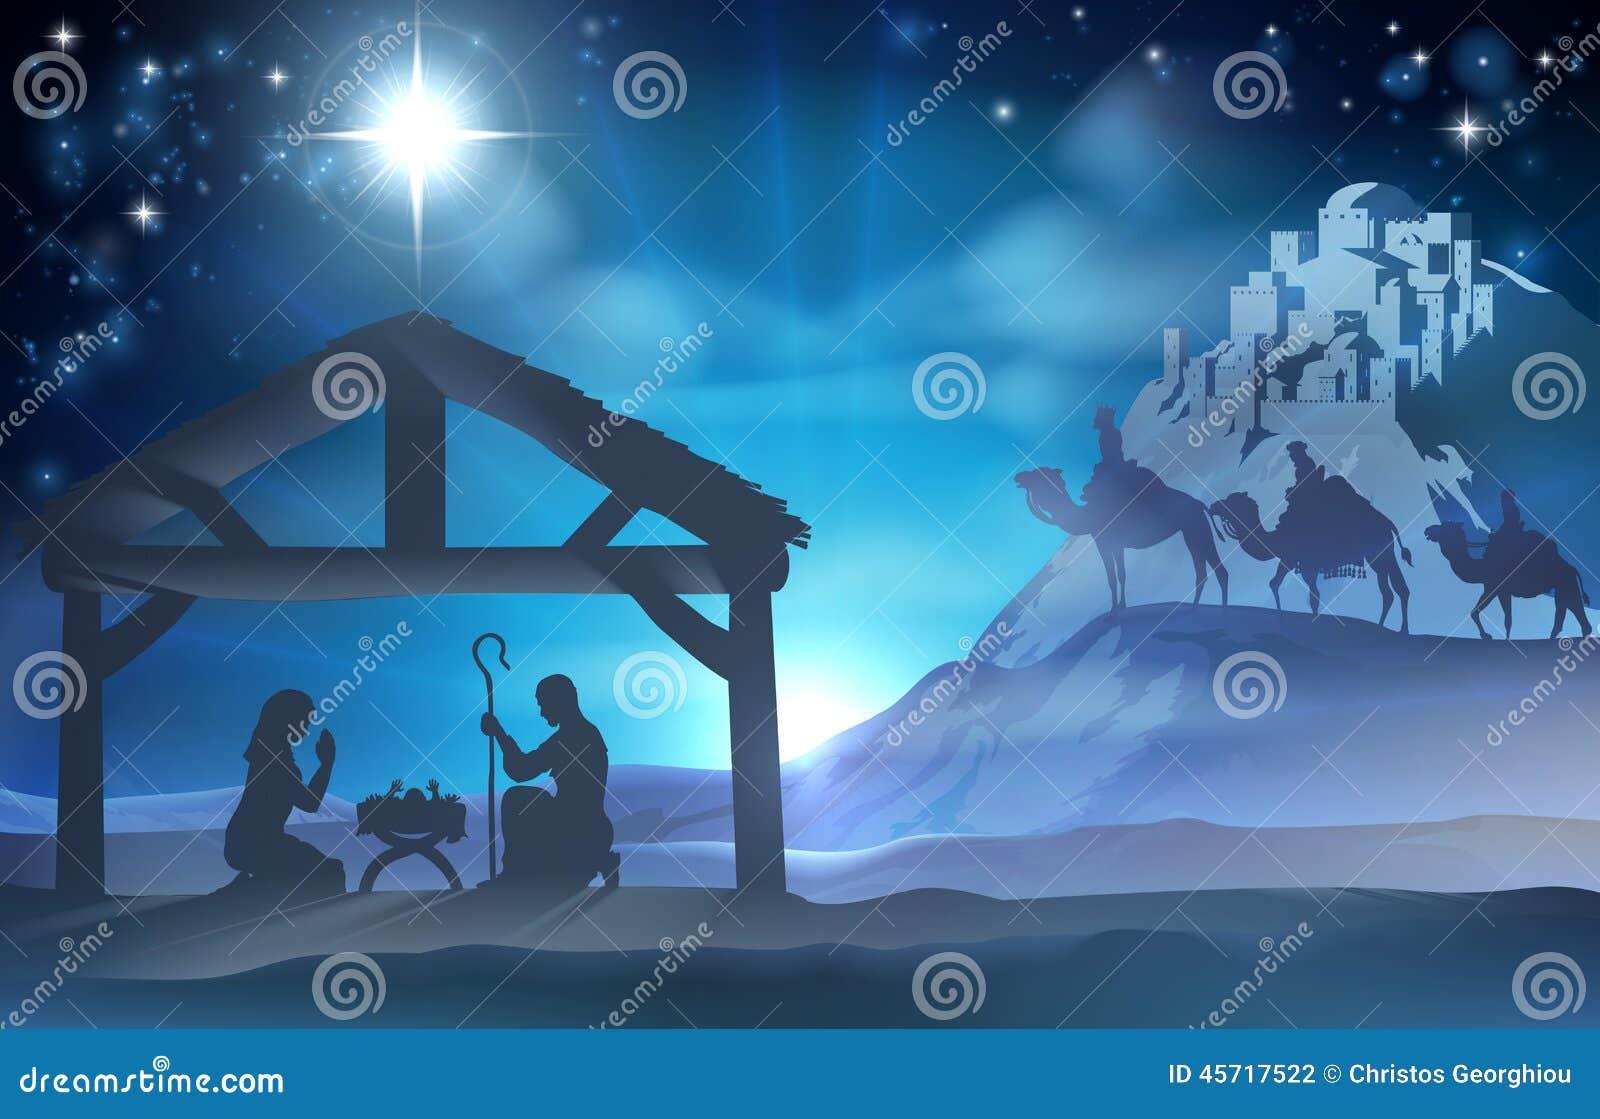 religious christmas scenes wwwimgkidcom the image